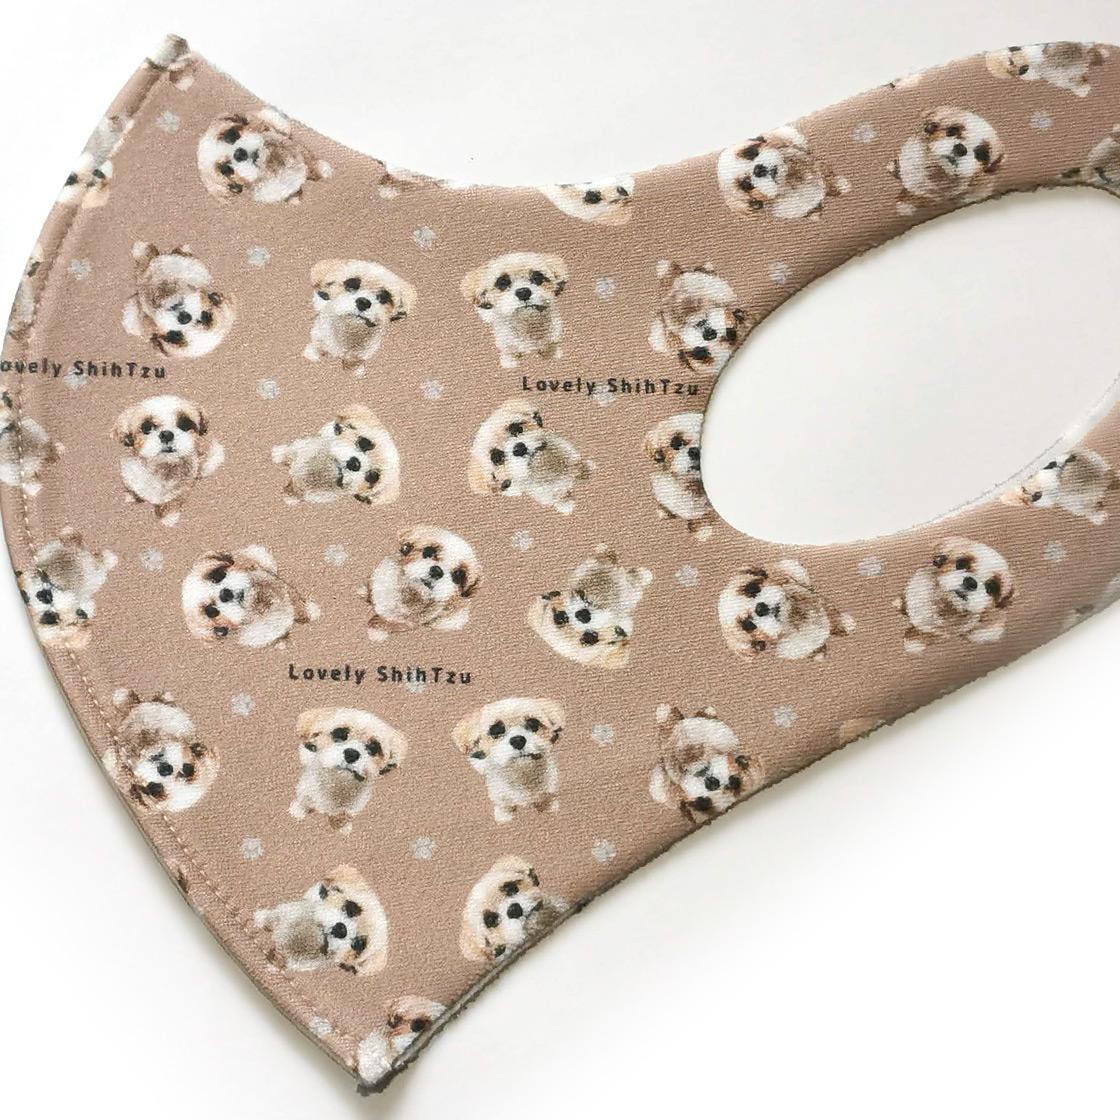 シーズー柄の立体マスク